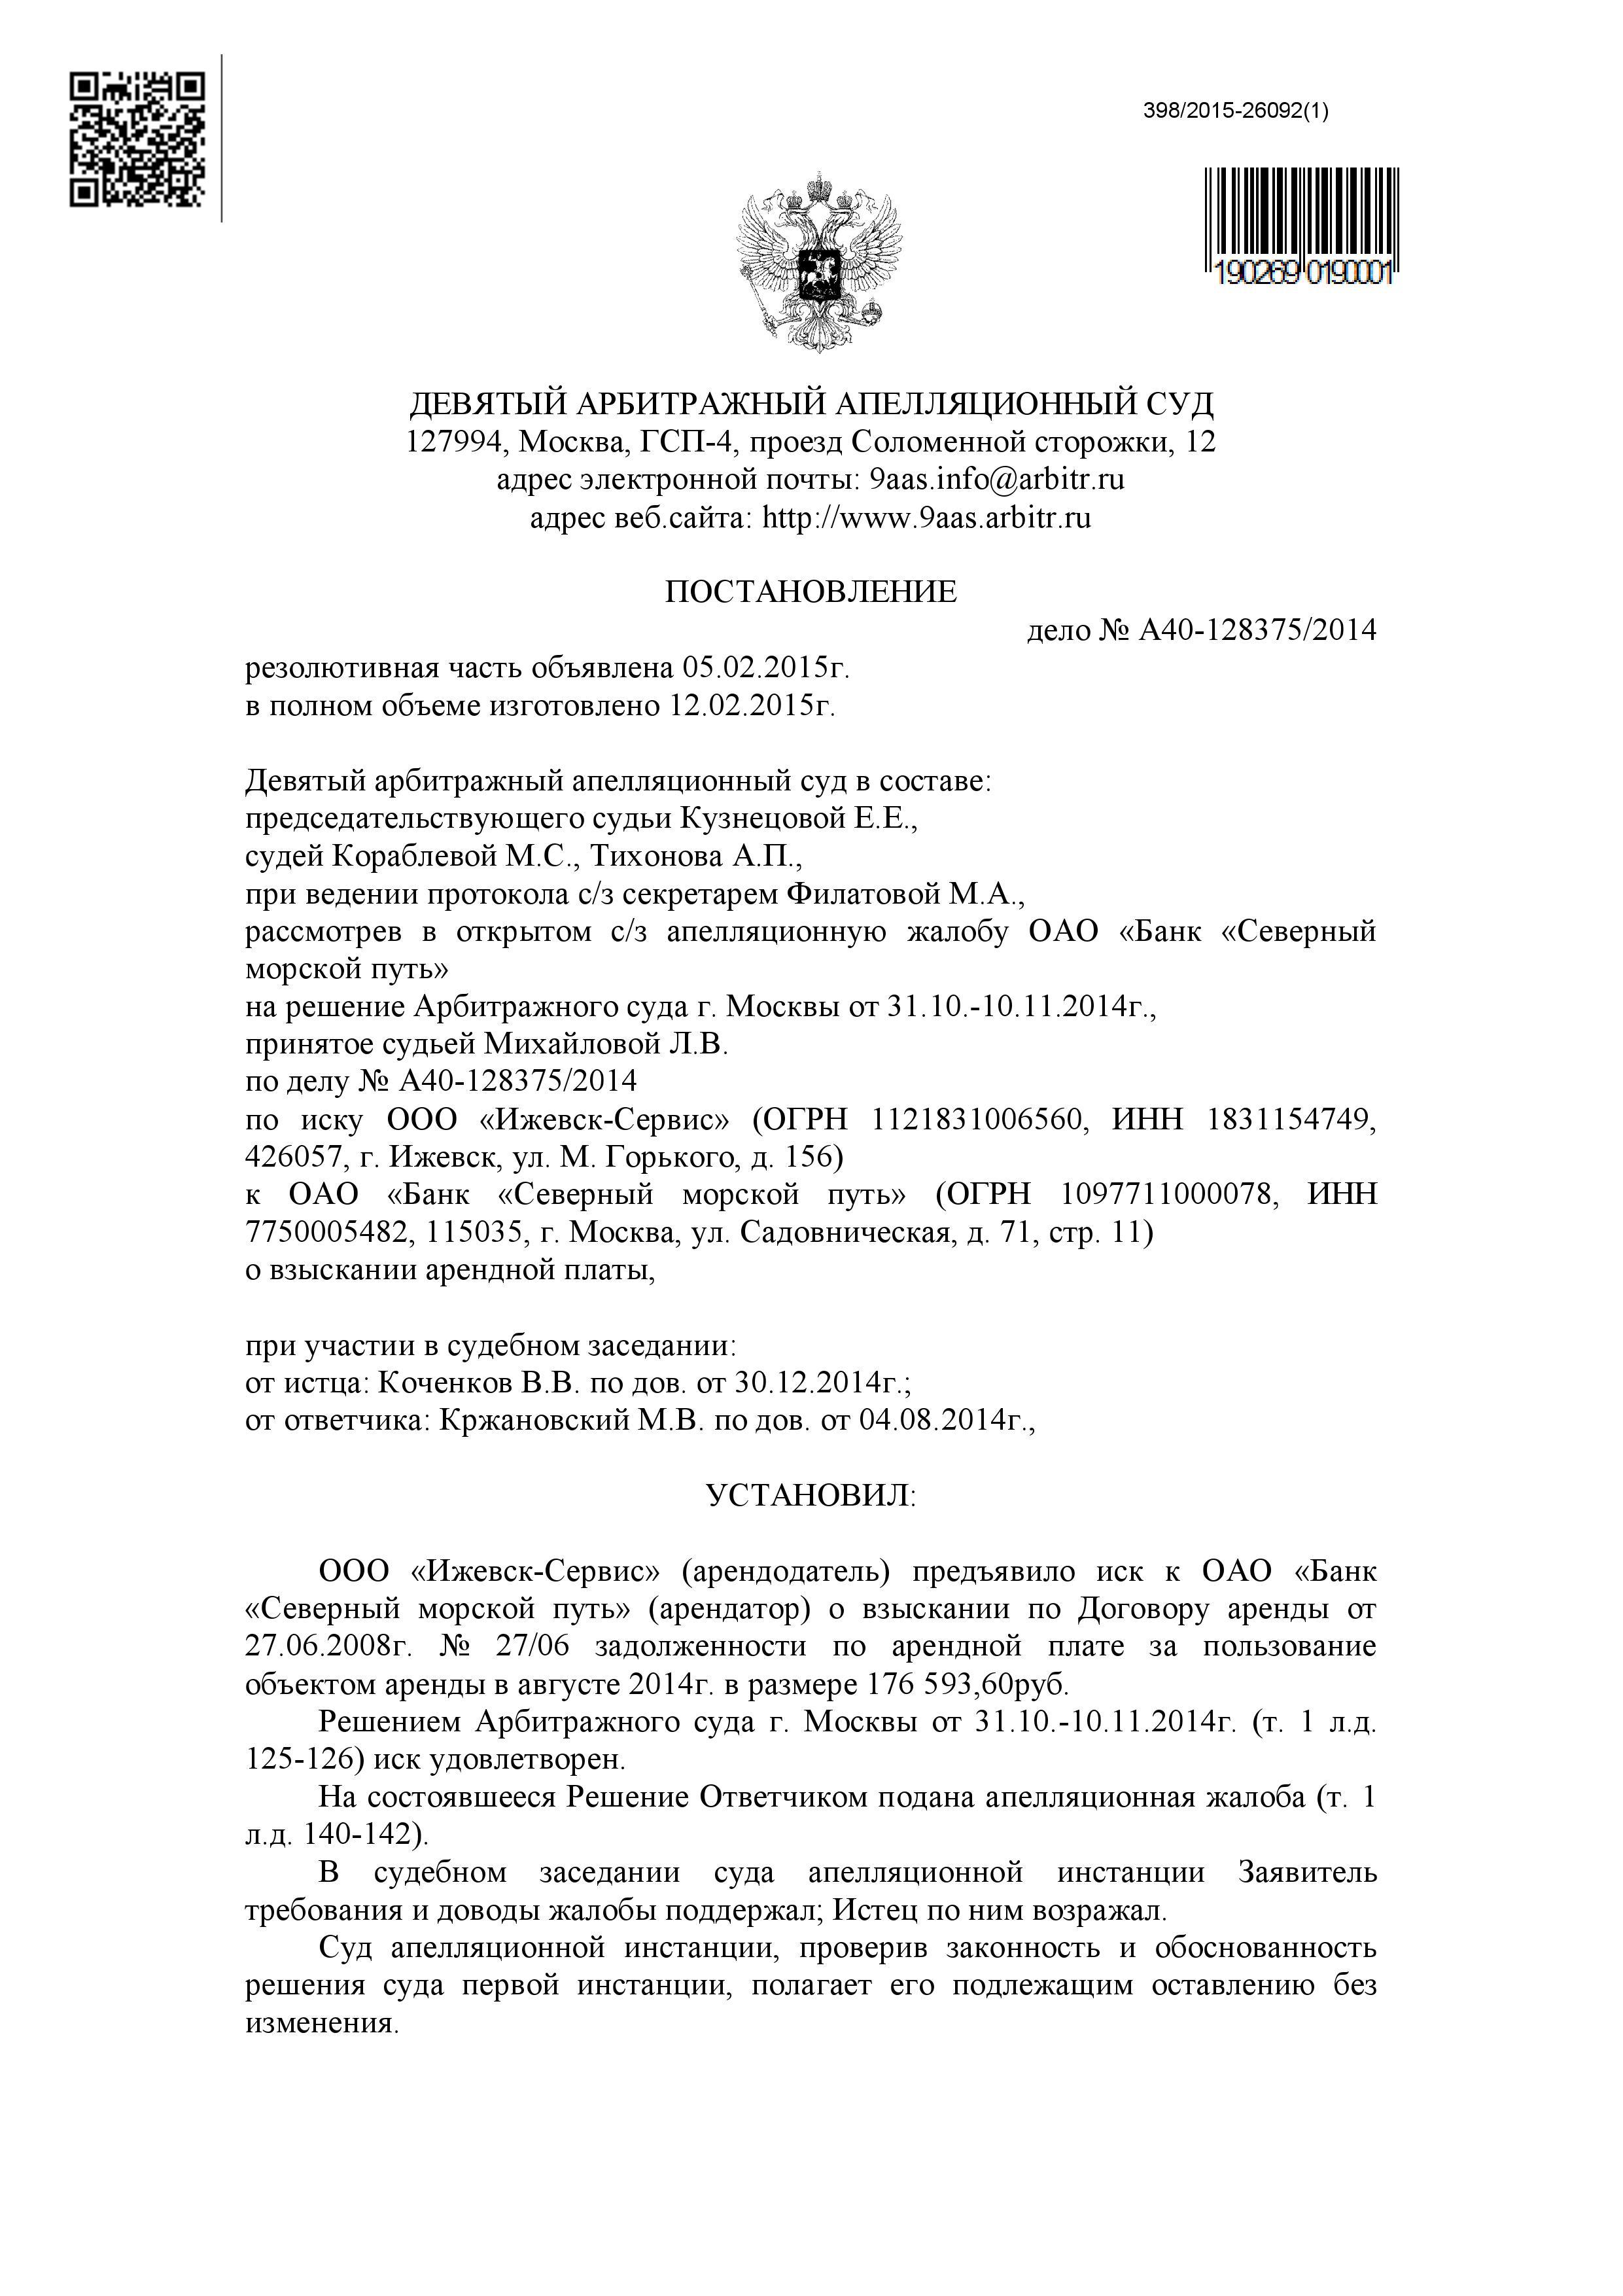 Апелляционное определение по делу А40-122380-2014 стр. 1